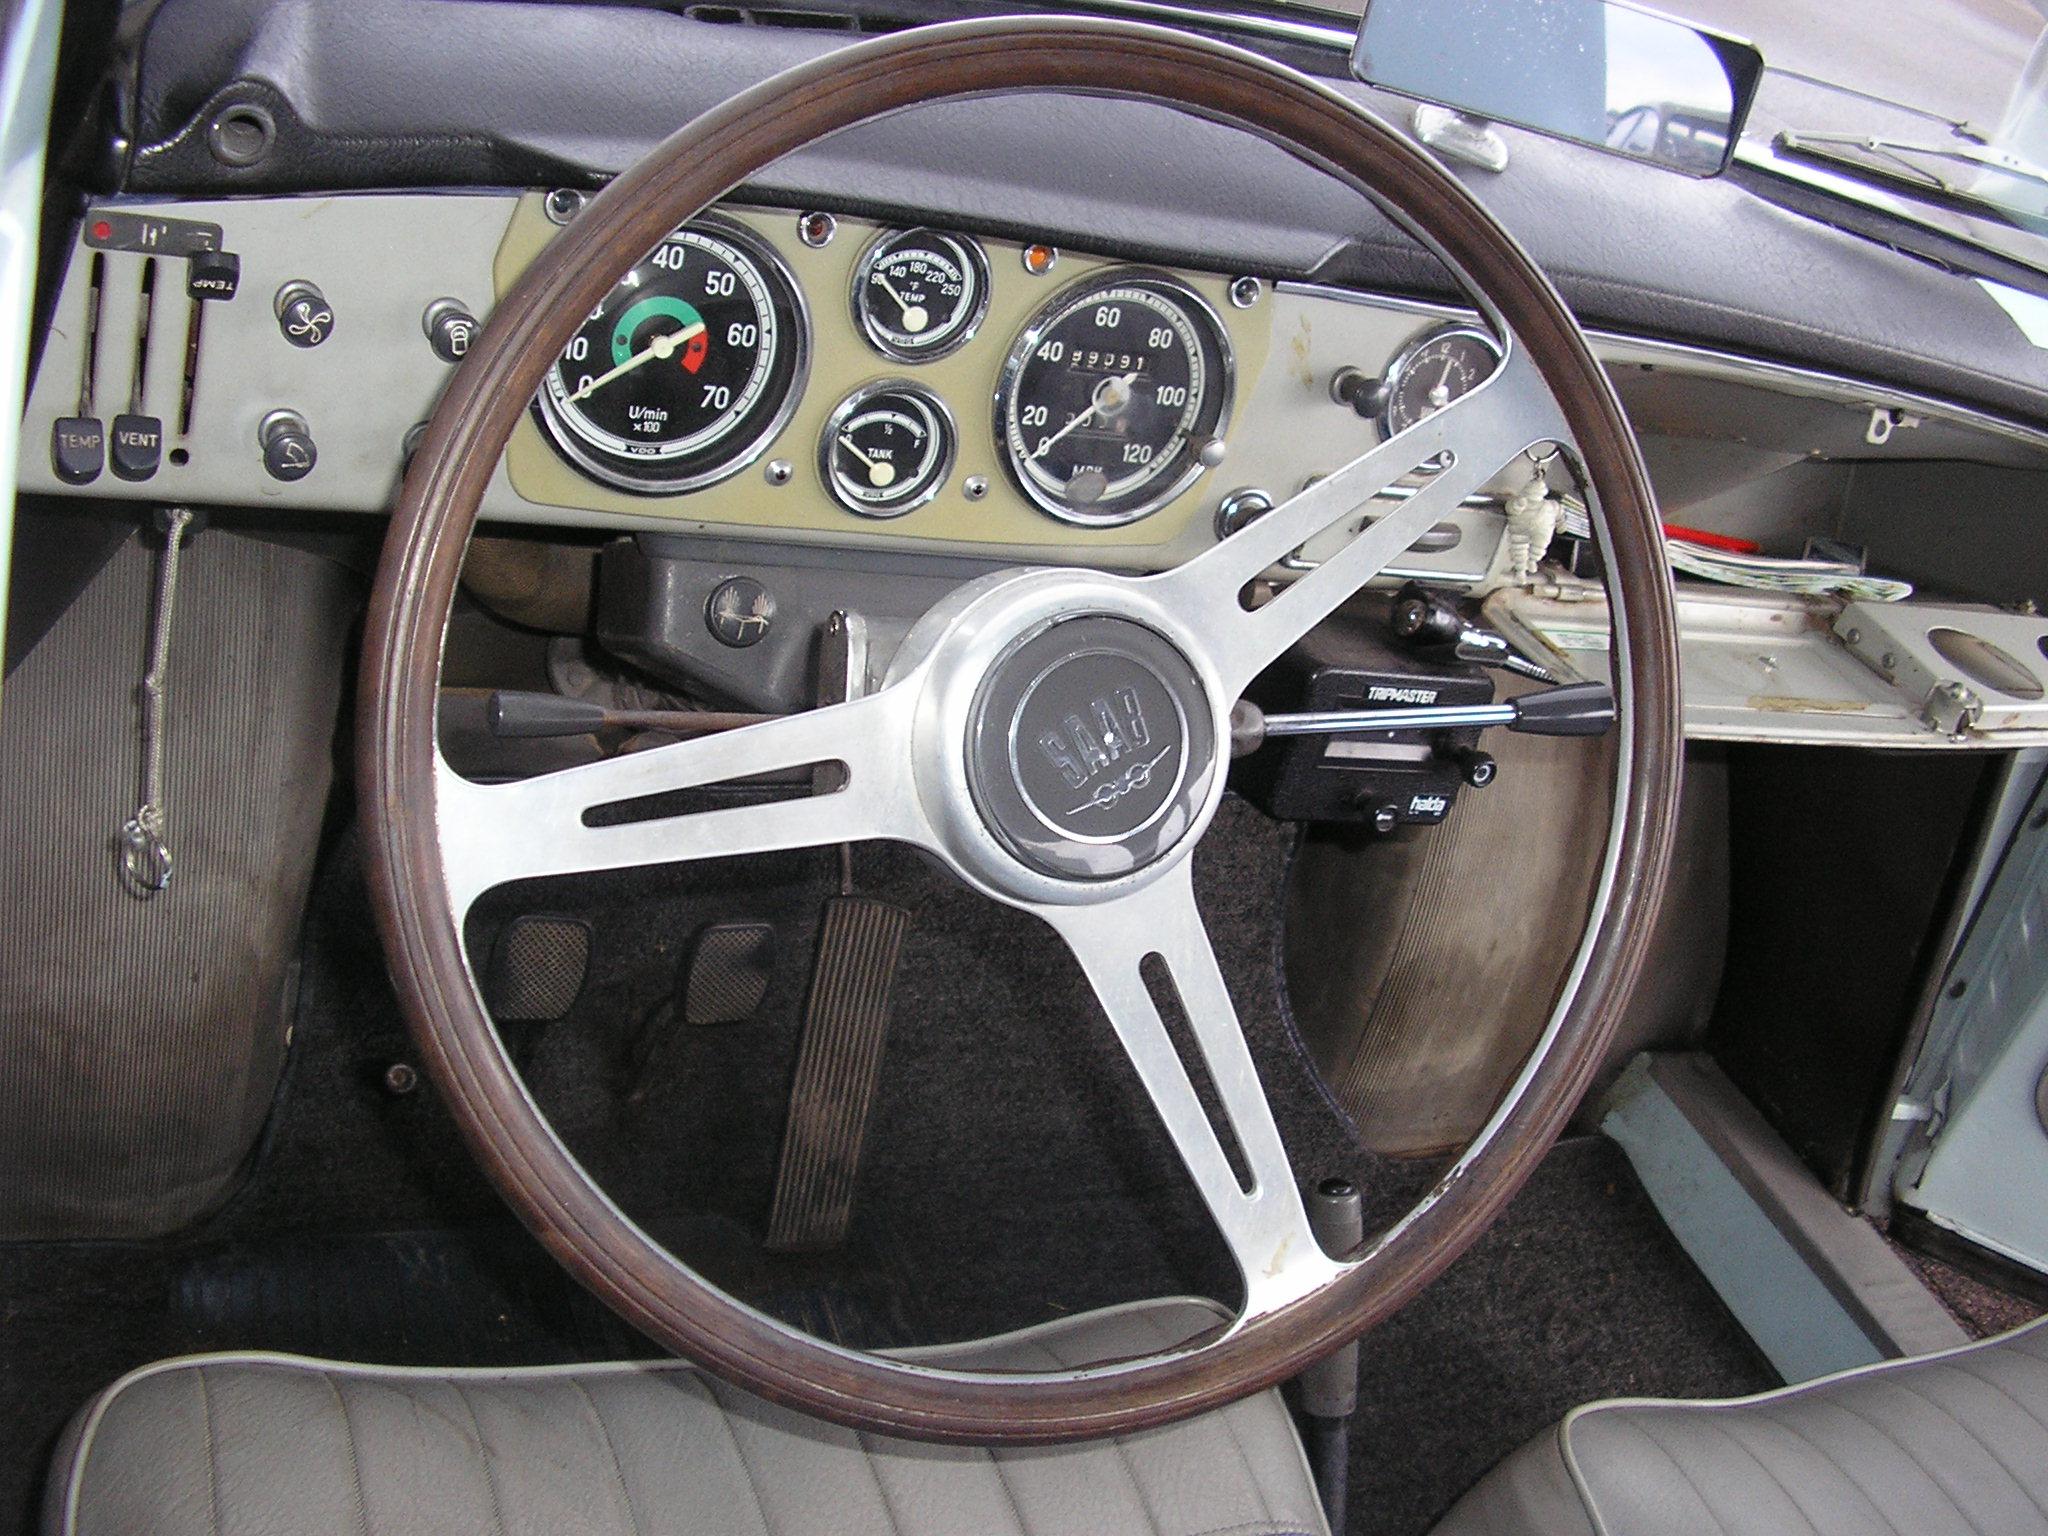 Used Saab Cars Northern Ireland